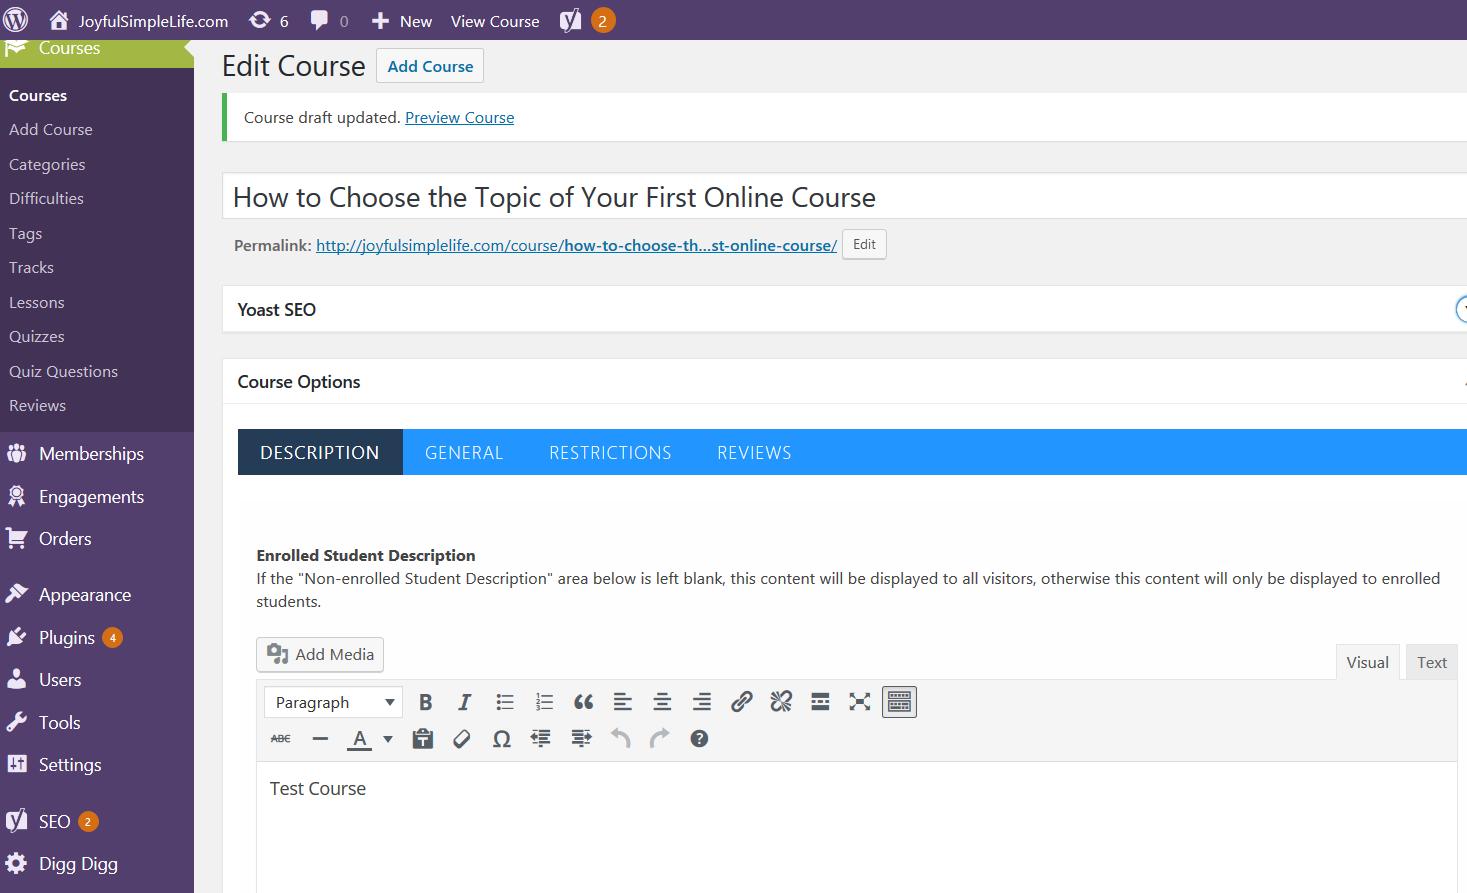 LifterLMS Course Description screen